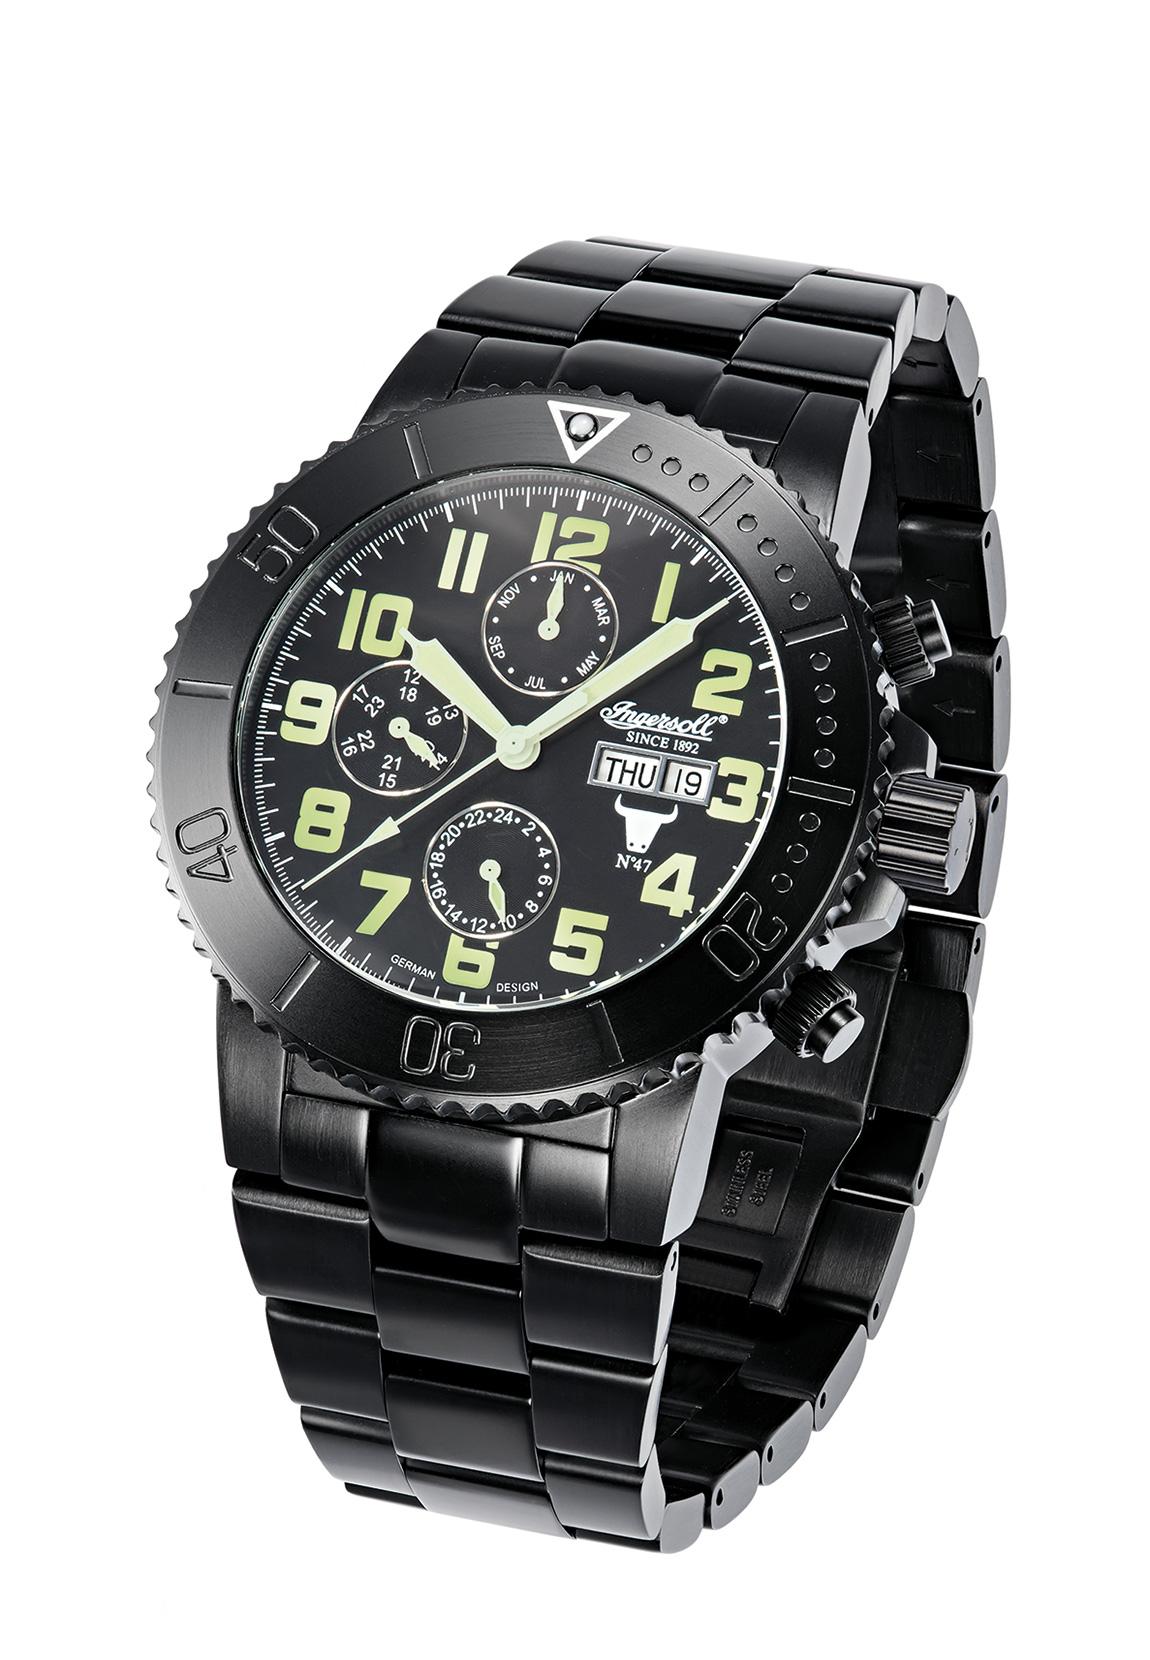 Ingersoll Armbanduhr BISON NO.47 IN1304BKGR